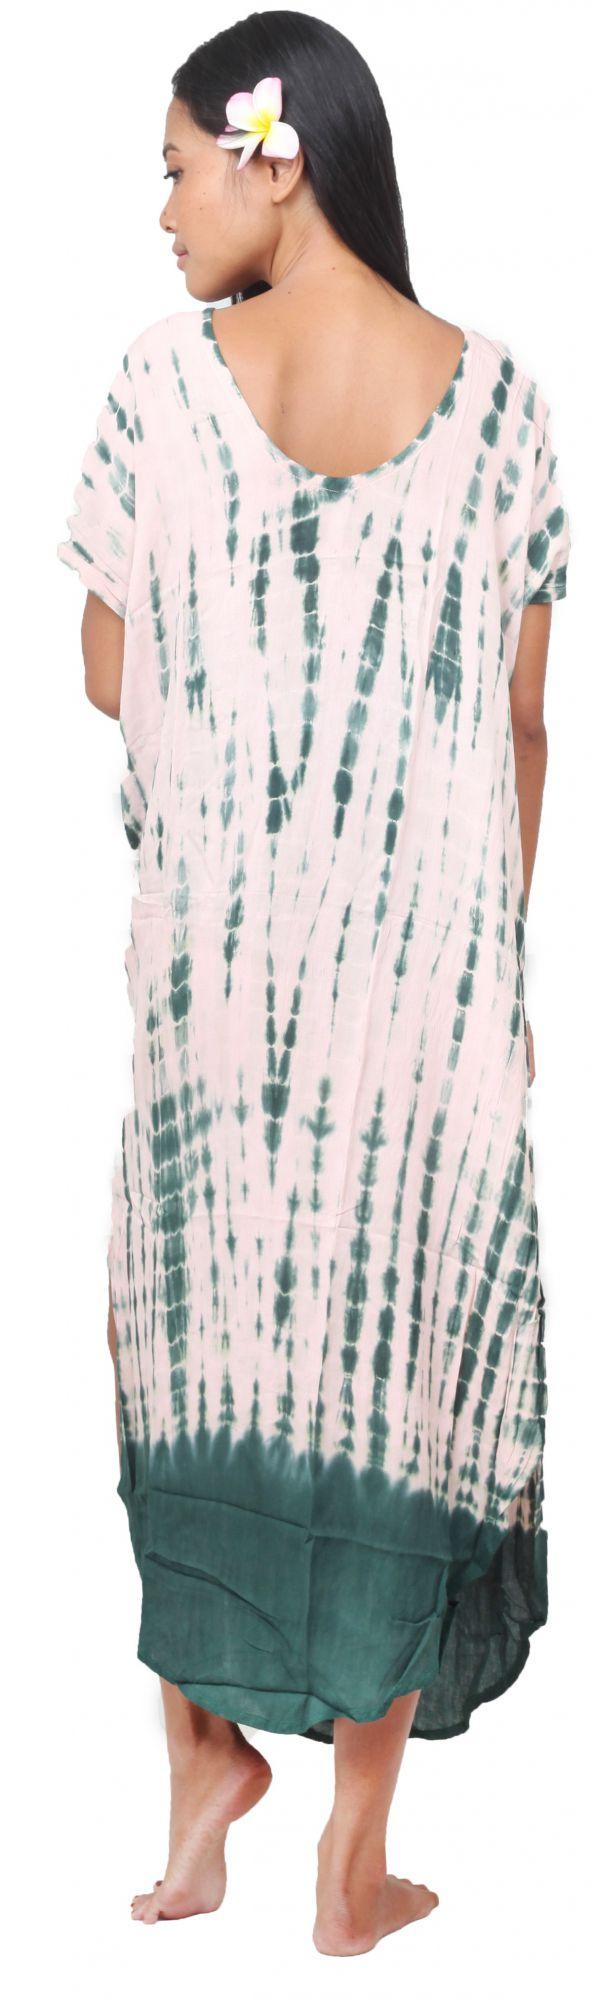 Robe de plage tie dye Lucia vert